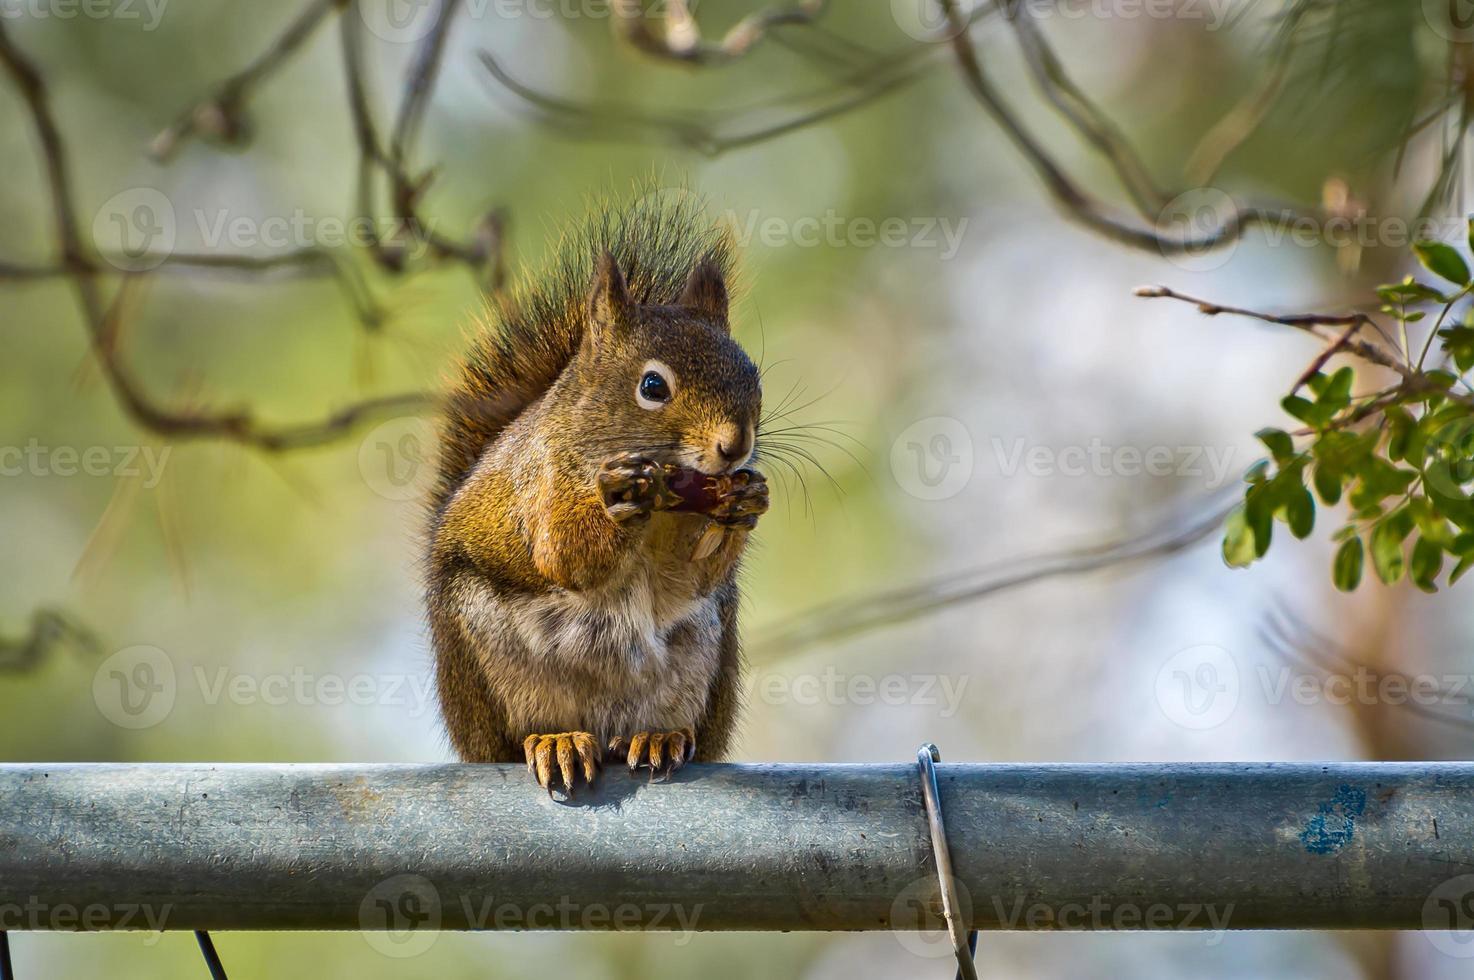 écureuil mangeant sur une clôture photo